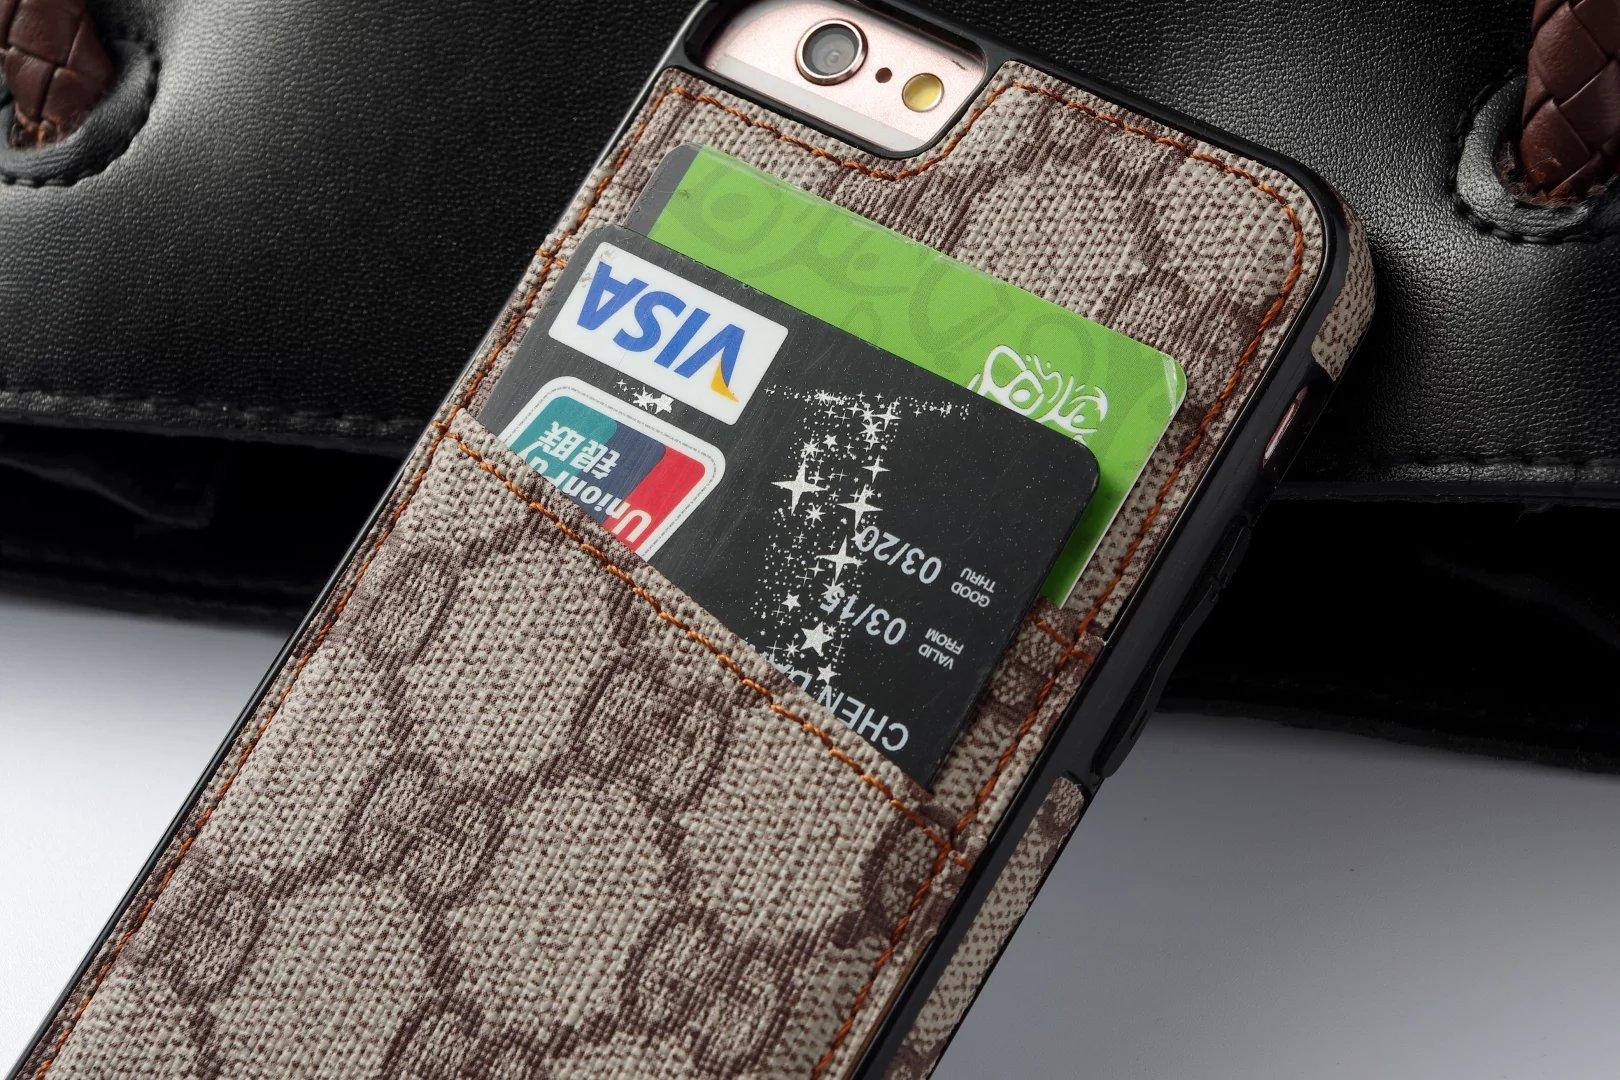 iphone case bedrucken iphone schutzhülle selbst gestalten Louis Vuitton iphone6 plus hülle handyhüllen zum 6lber designen die schönsten handyhüllen iphpne 6 iphone leder hülle apple hülle handyhülle 6lber bauen